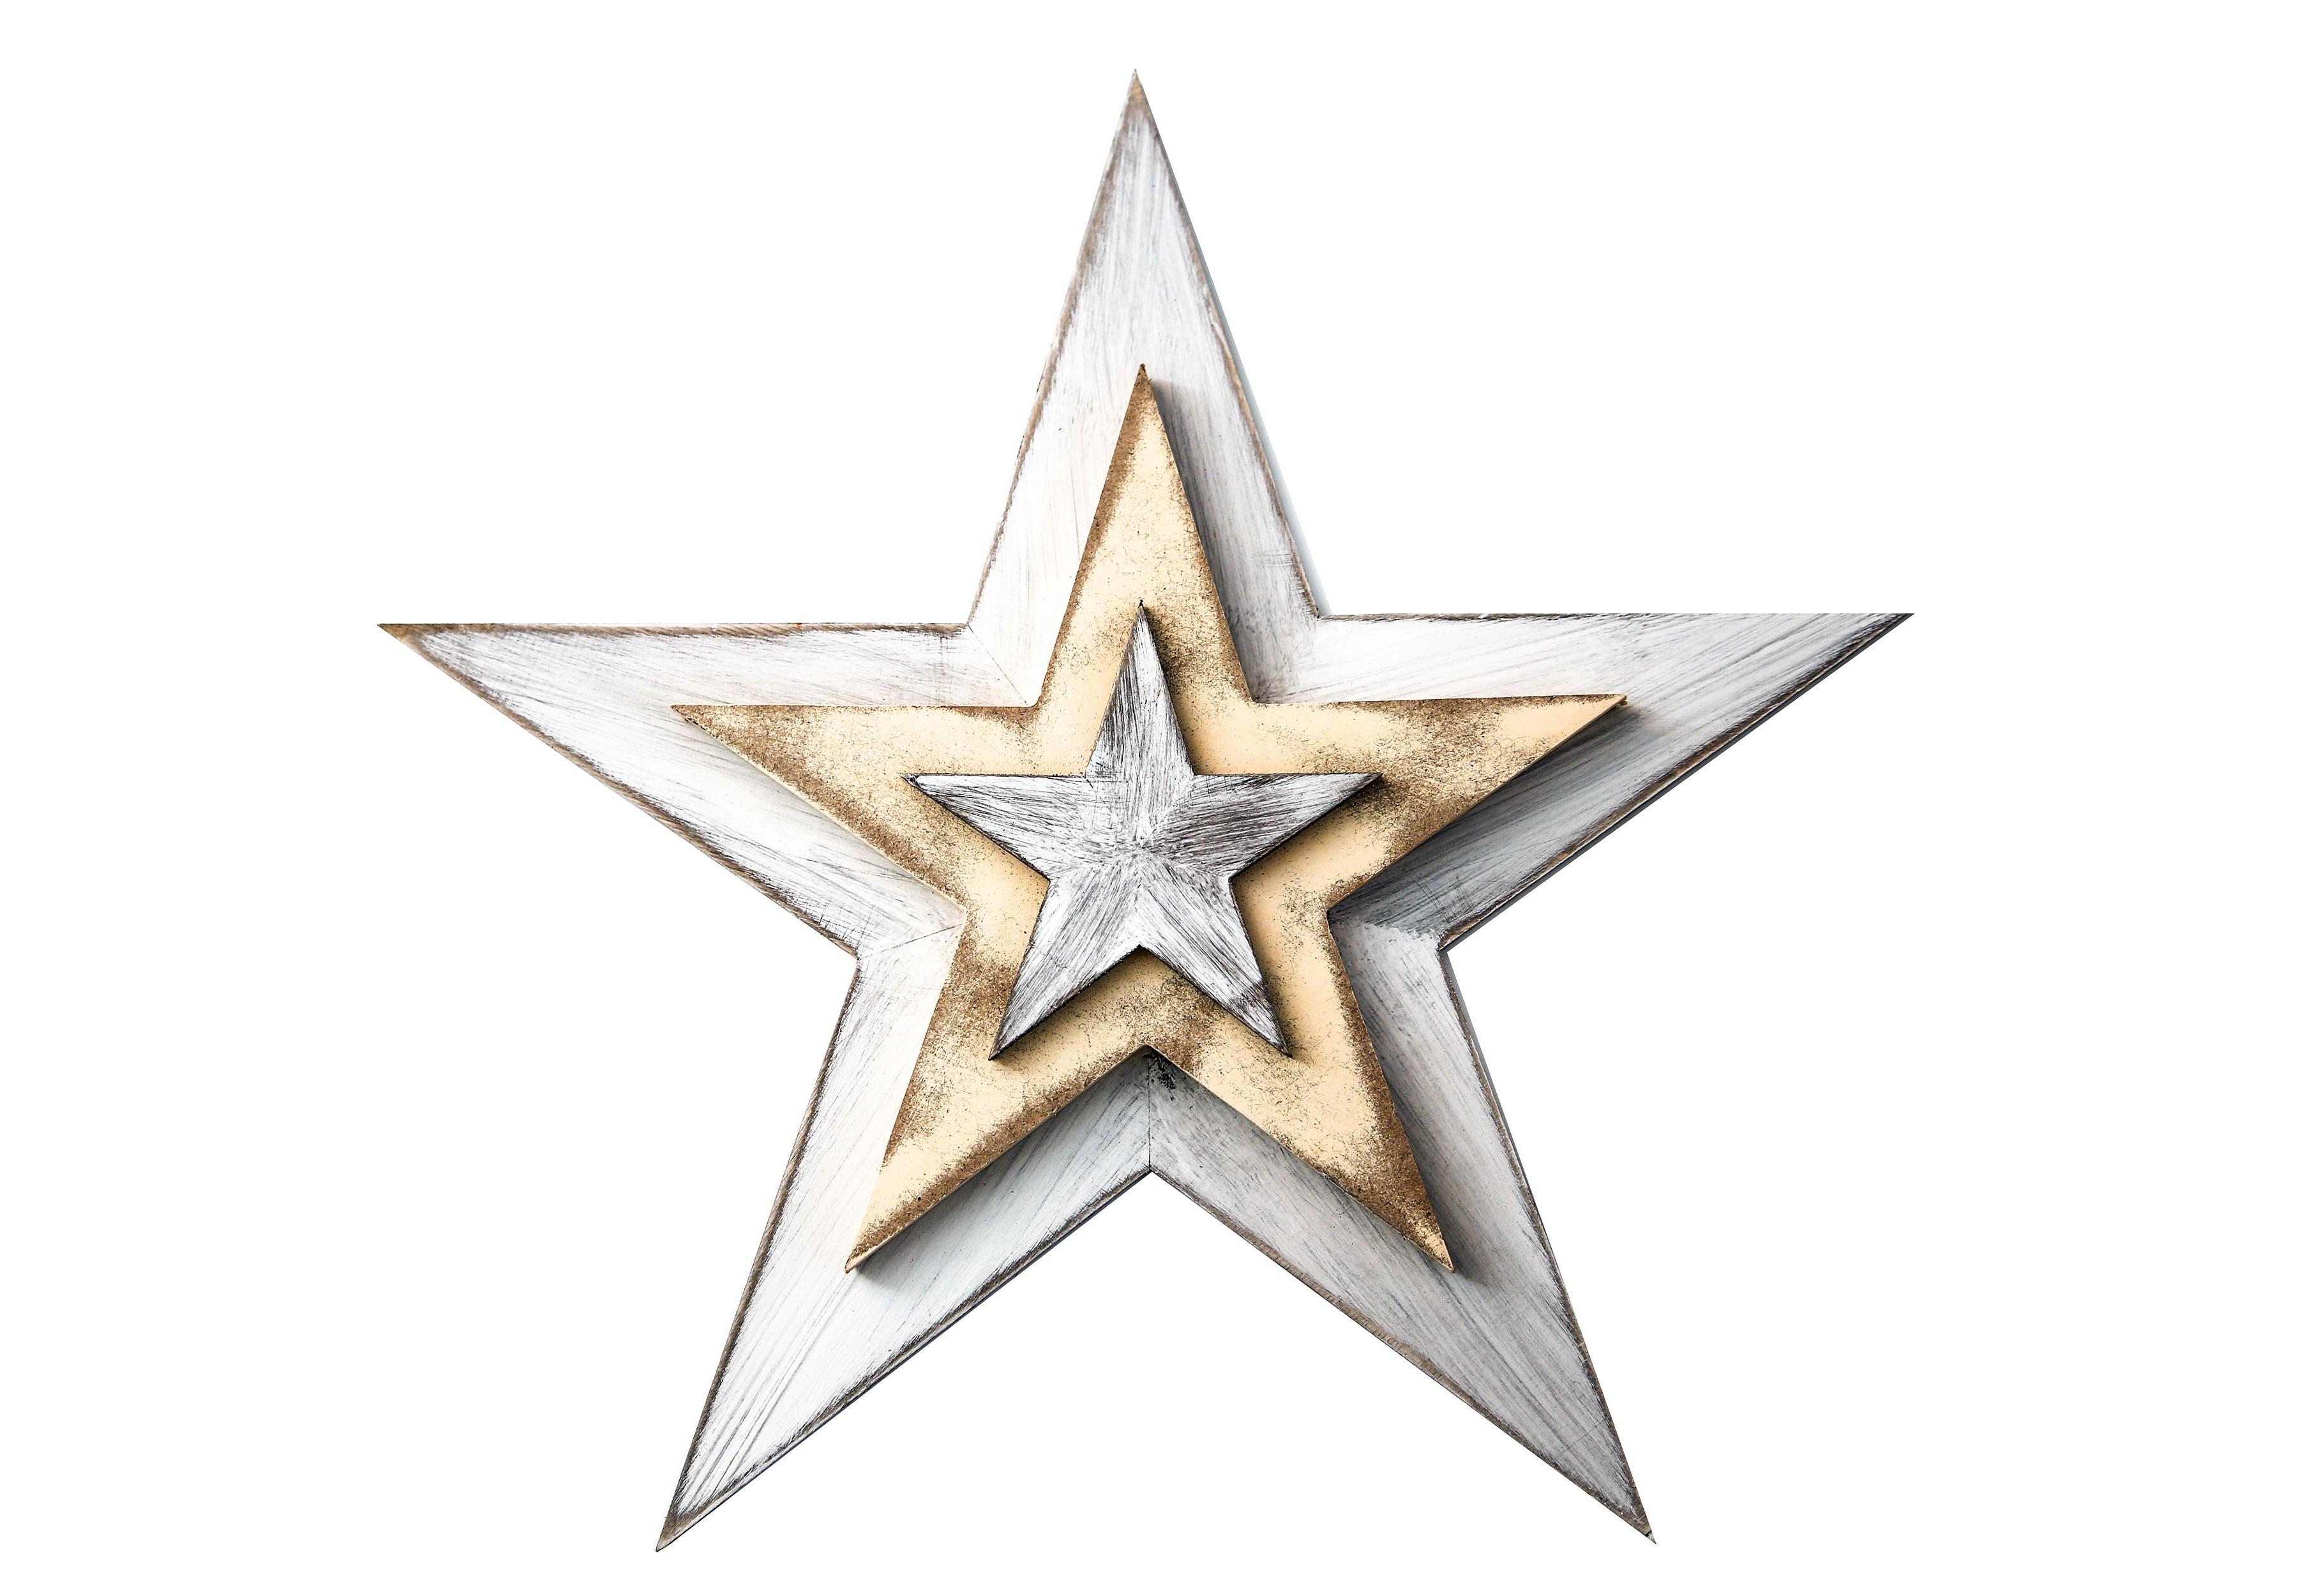 Панно настенное ЗвездаДругое<br>Декор настенный деревянный &amp;quot;Рождественская звезда&amp;quot;, цвет белый с персиковым.&amp;lt;div&amp;gt;Материал: многослойная фанера хвойных пород дерева.&amp;lt;br&amp;gt;&amp;lt;/div&amp;gt;<br><br>Material: Дерево<br>Ширина см: 48.0<br>Высота см: 48.0<br>Глубина см: 3.5